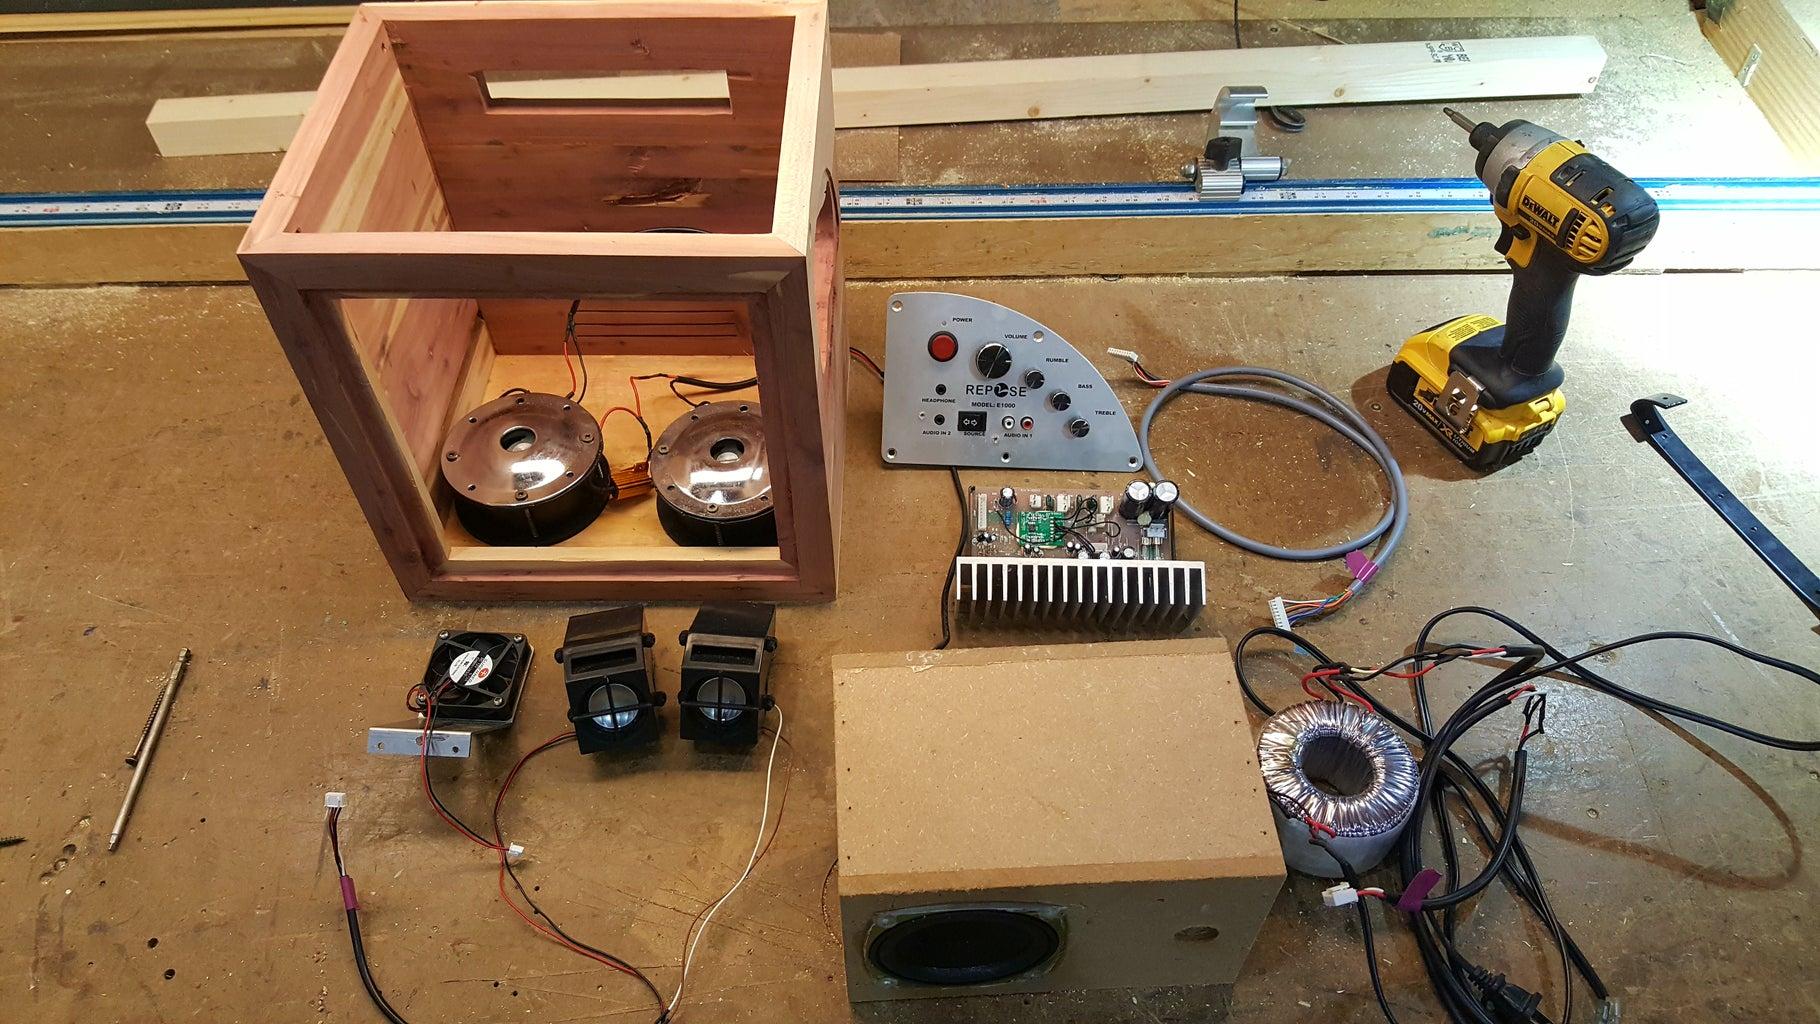 The Speaker System